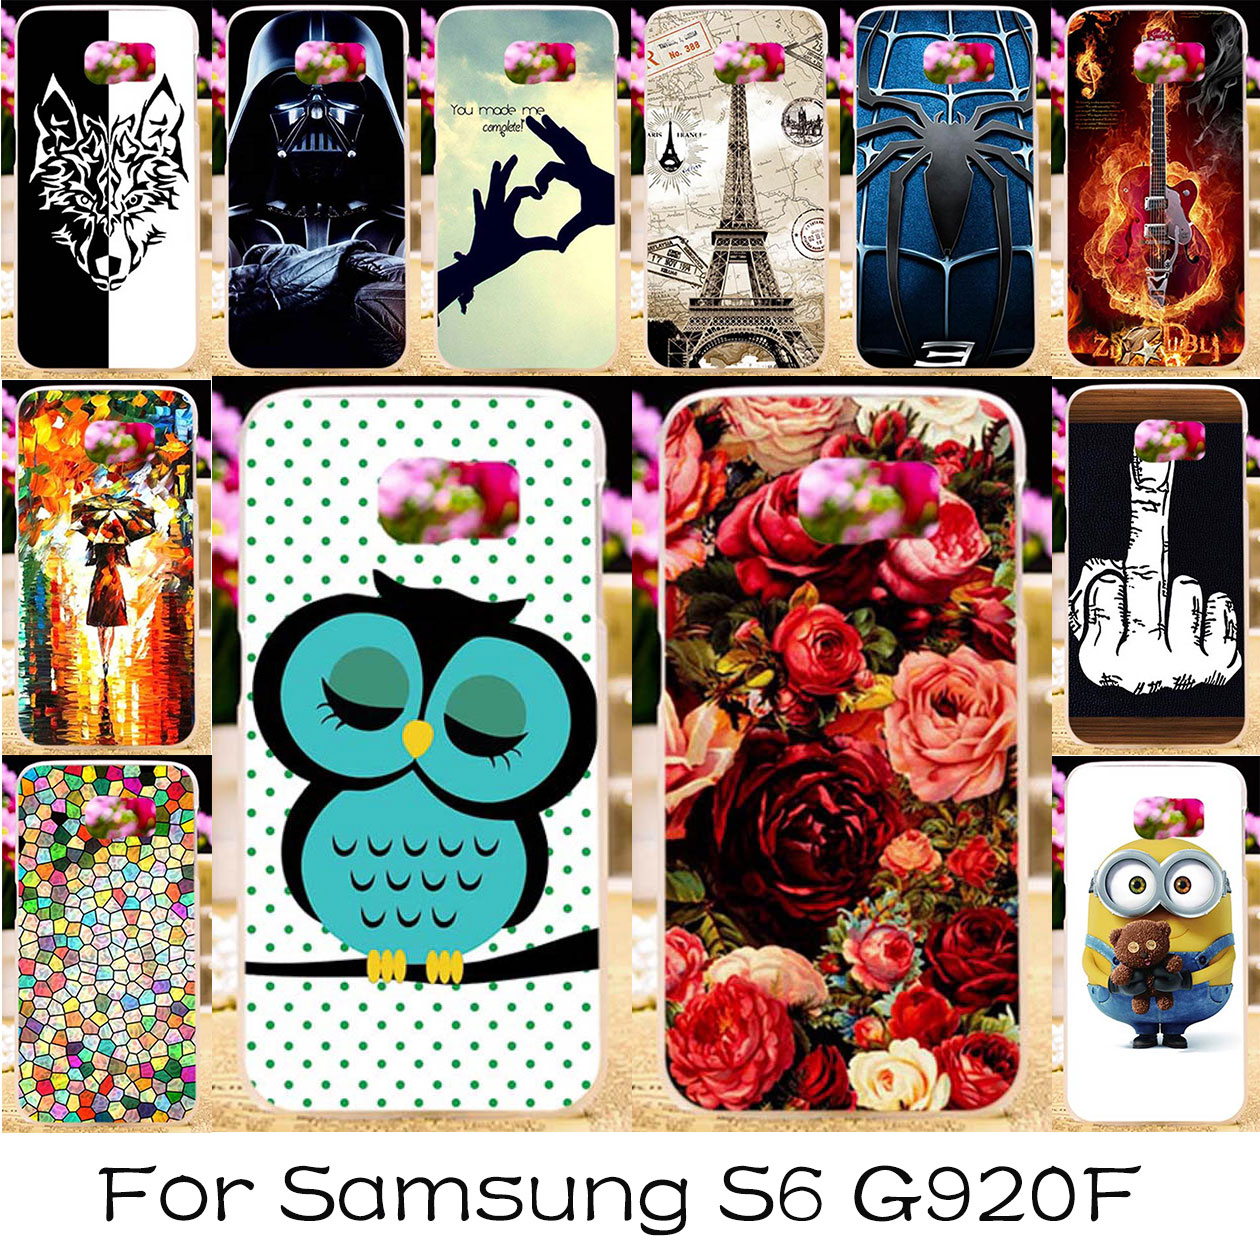 TAOYUNXI силиконовые Пластик Телефон чехол для samsung Galaxy S6 SVI крышка G920F G920FD G9200 G9209 G9200 G9208 G920S G920 сумка случаях ...